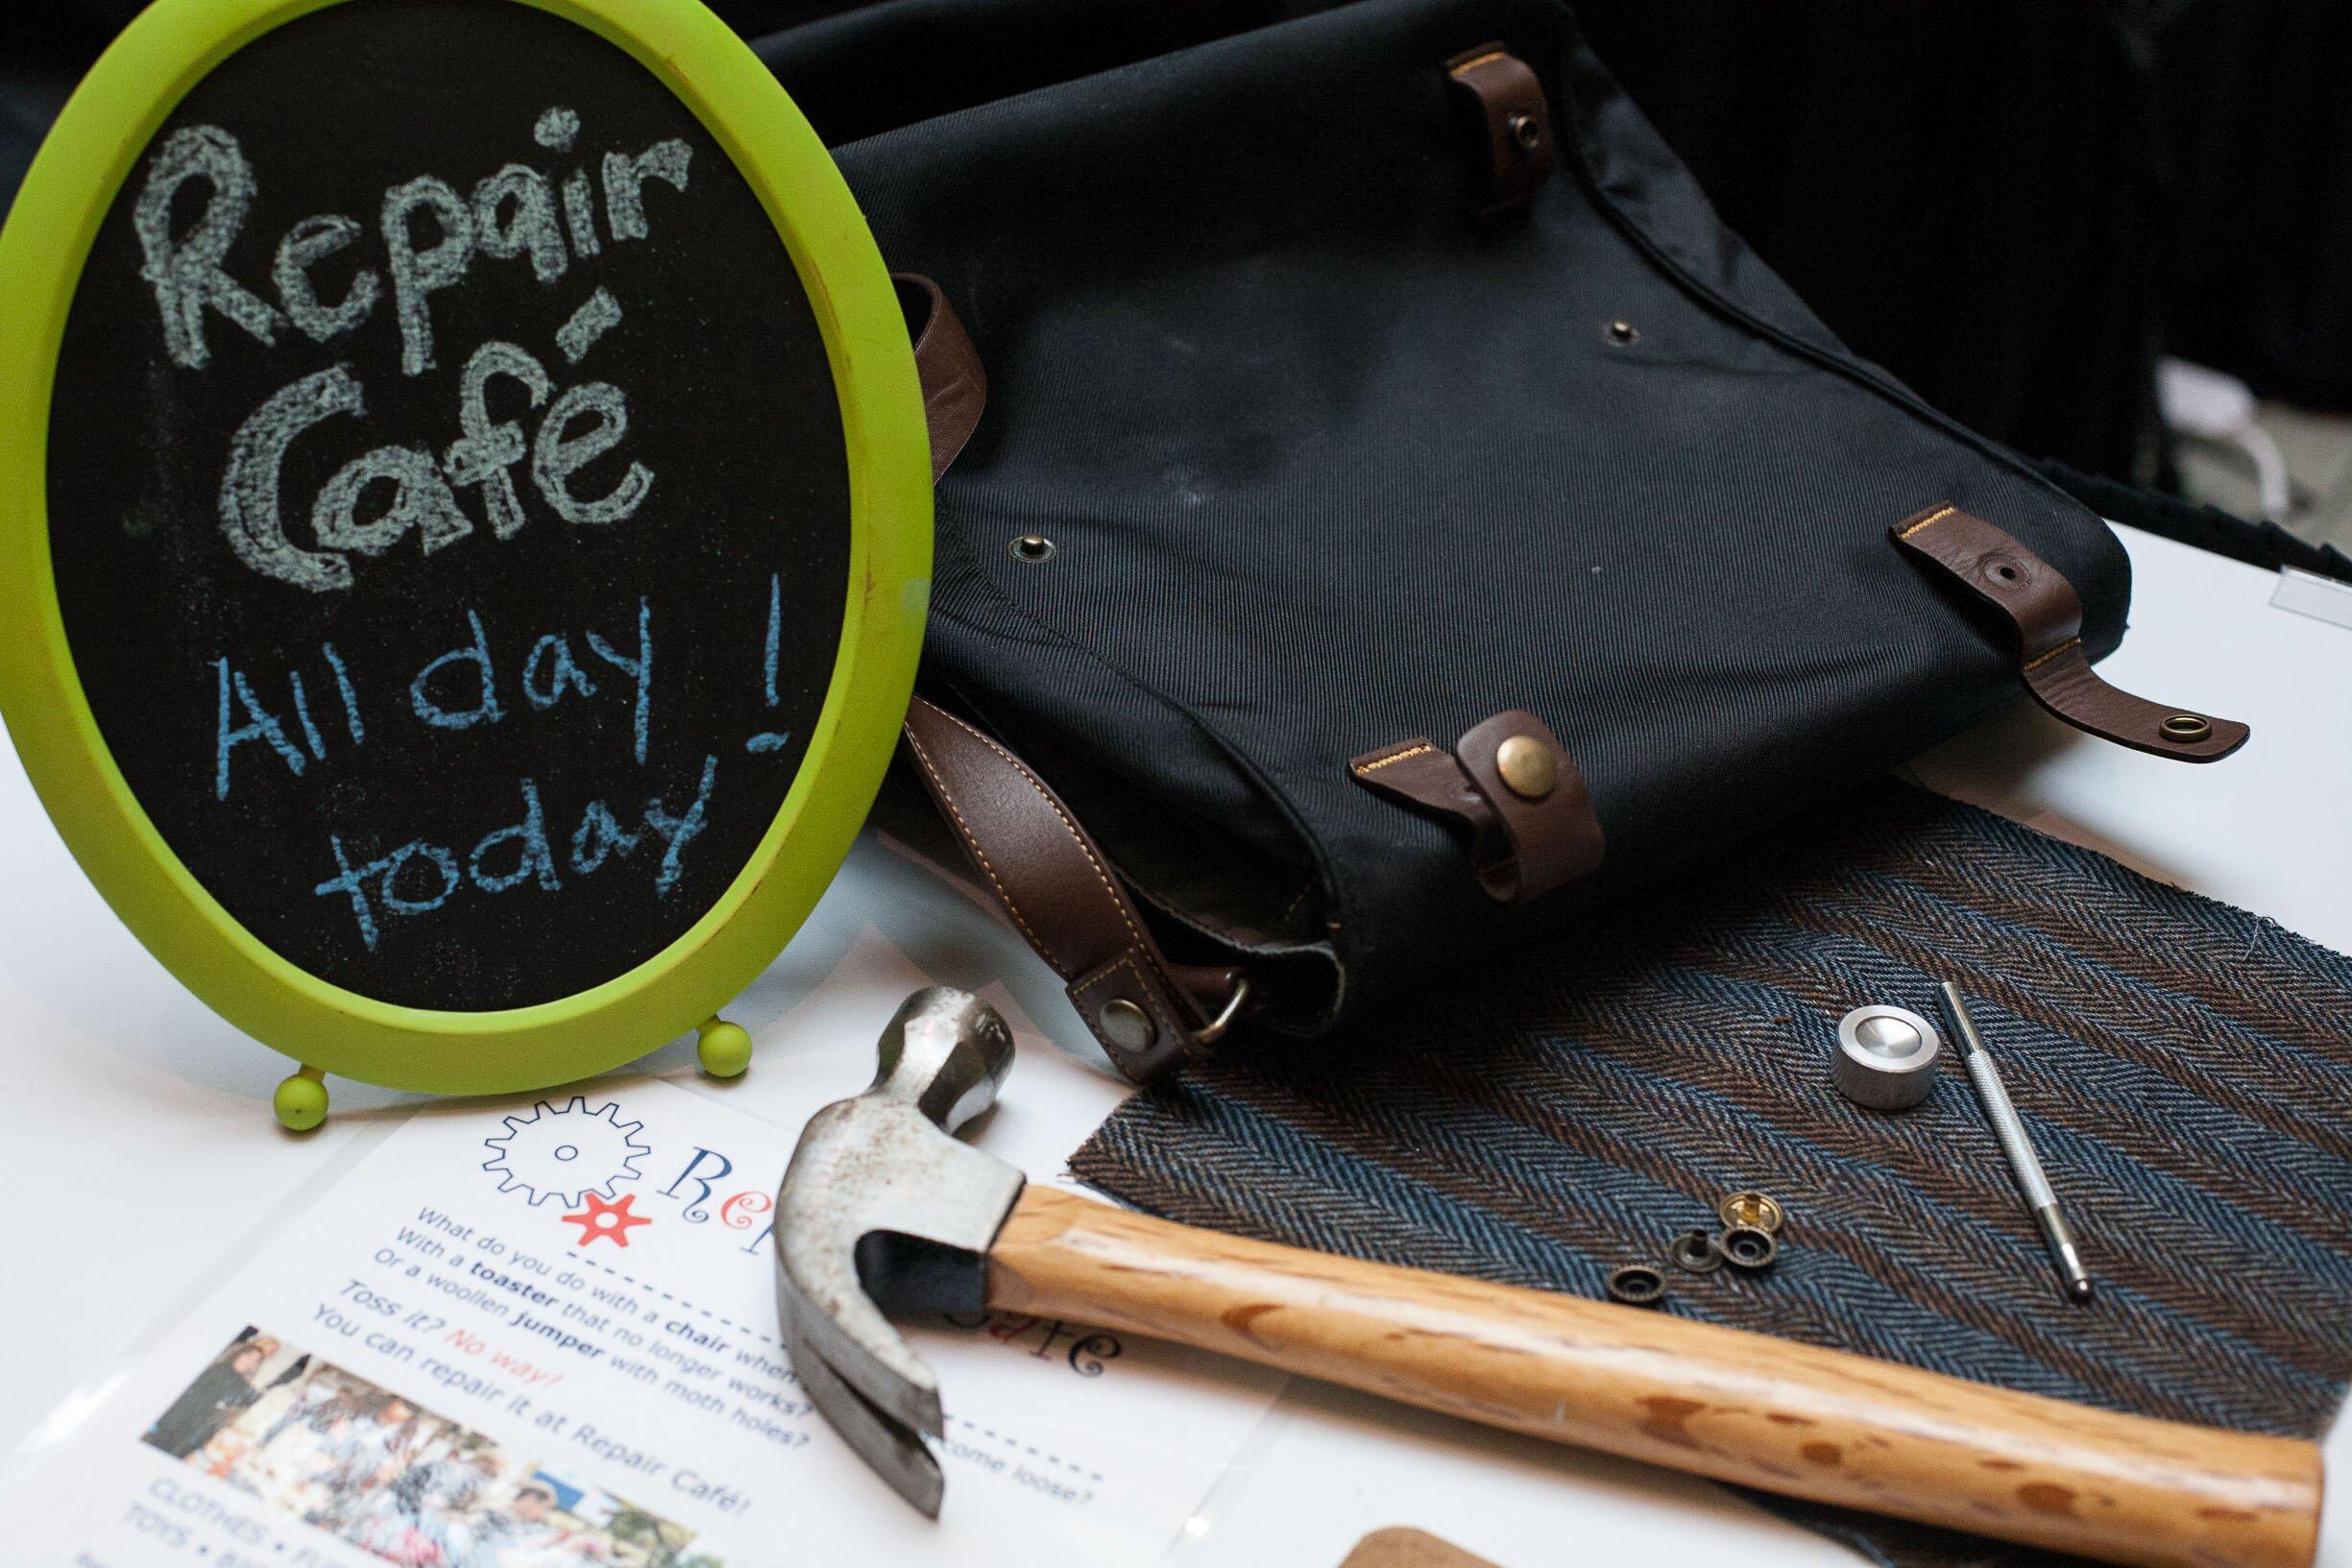 Repair Cafè anche a Roma: riparare, riciclare, riusare